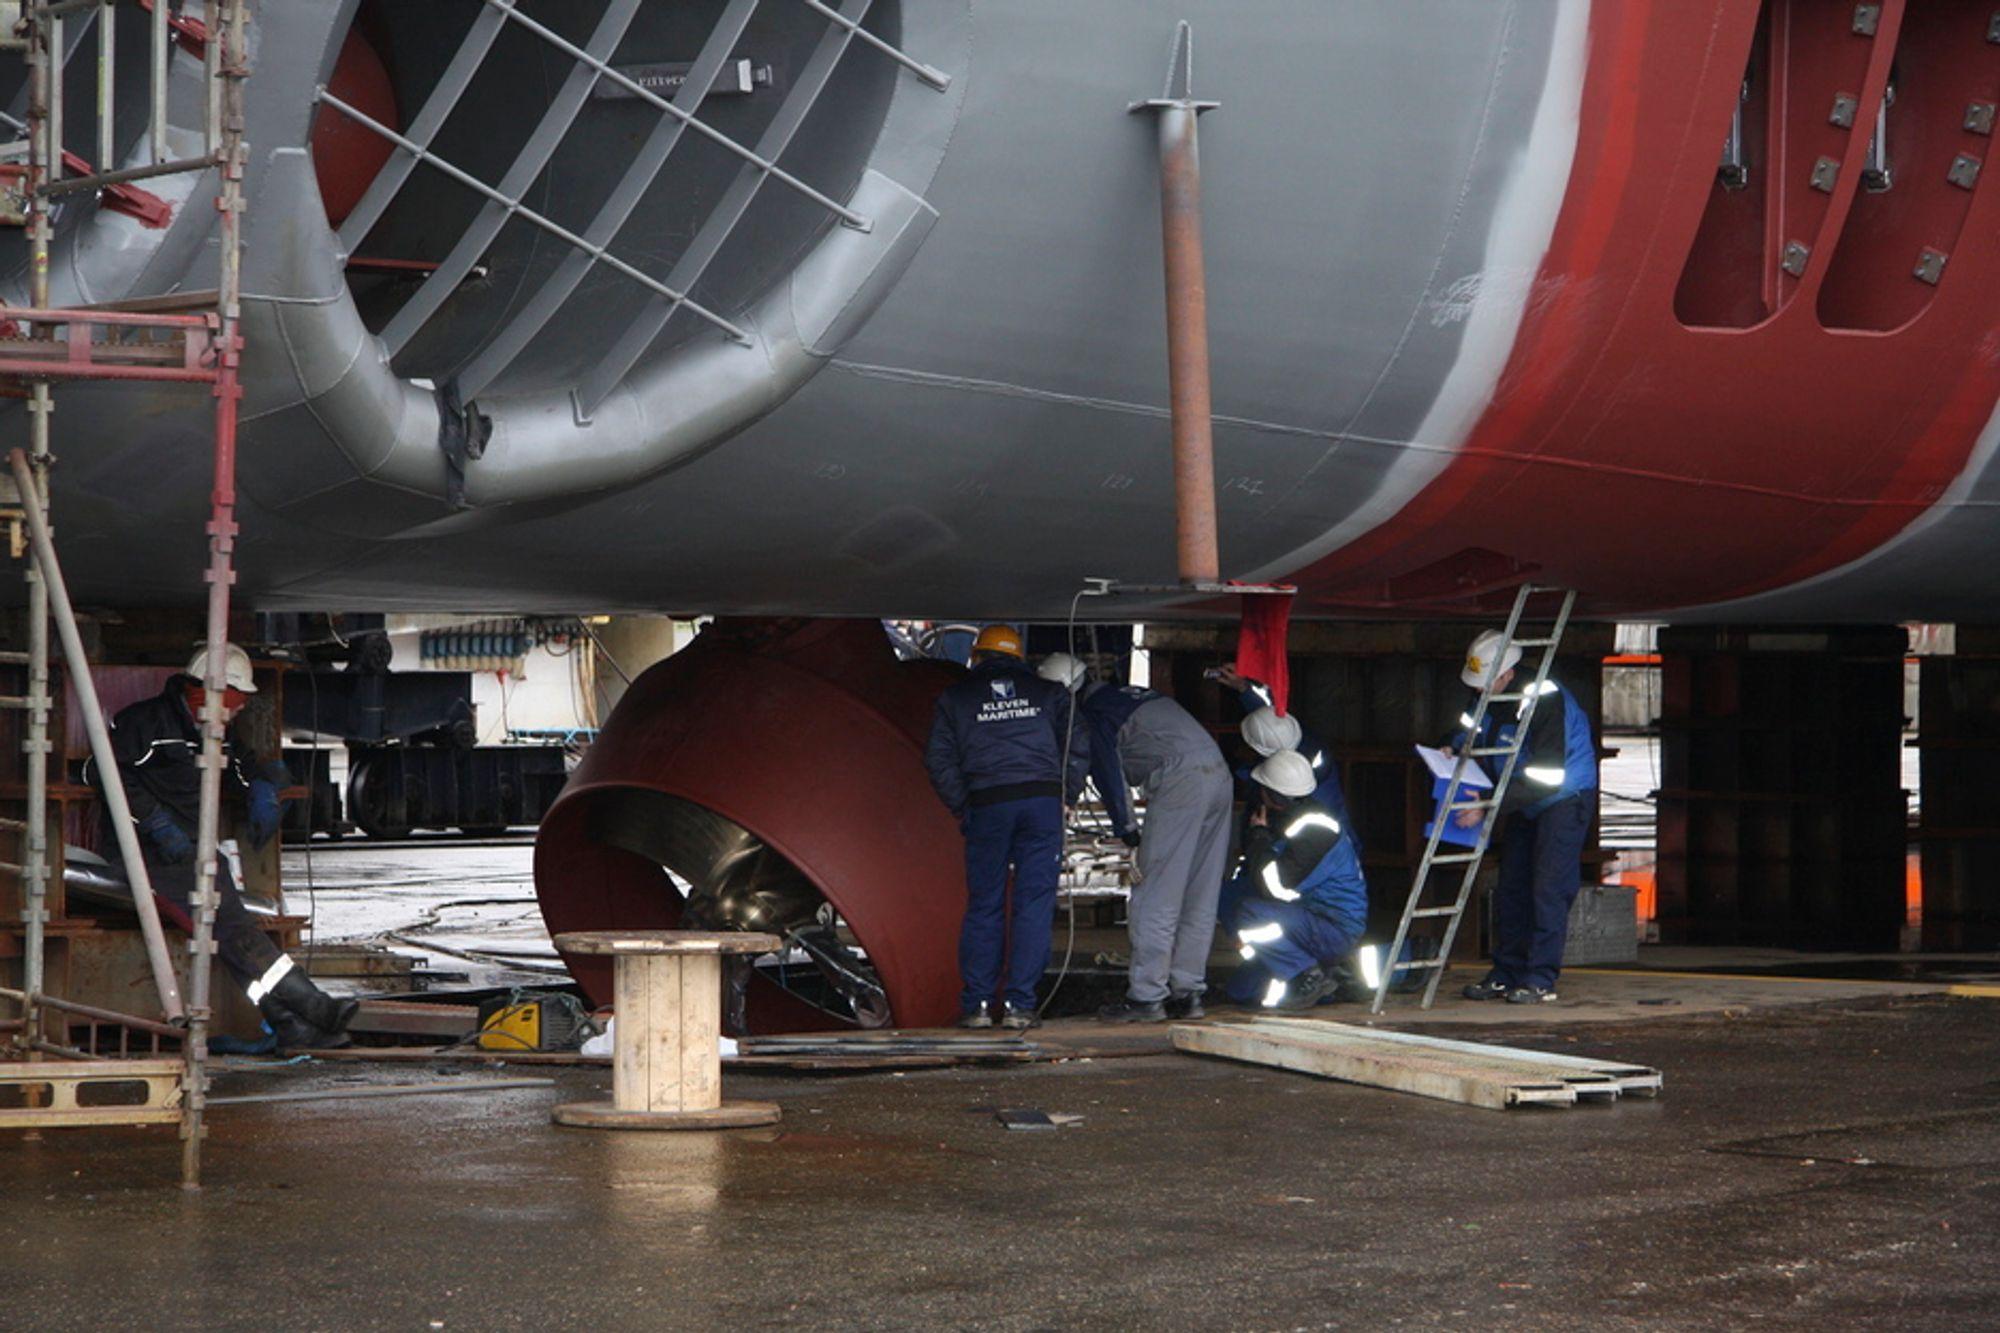 HØL: En nedsenkbar thruster funksjonstestes før modulen kjøres på beddingen. Et hull i  bakken er gravd ut for denne type tester.